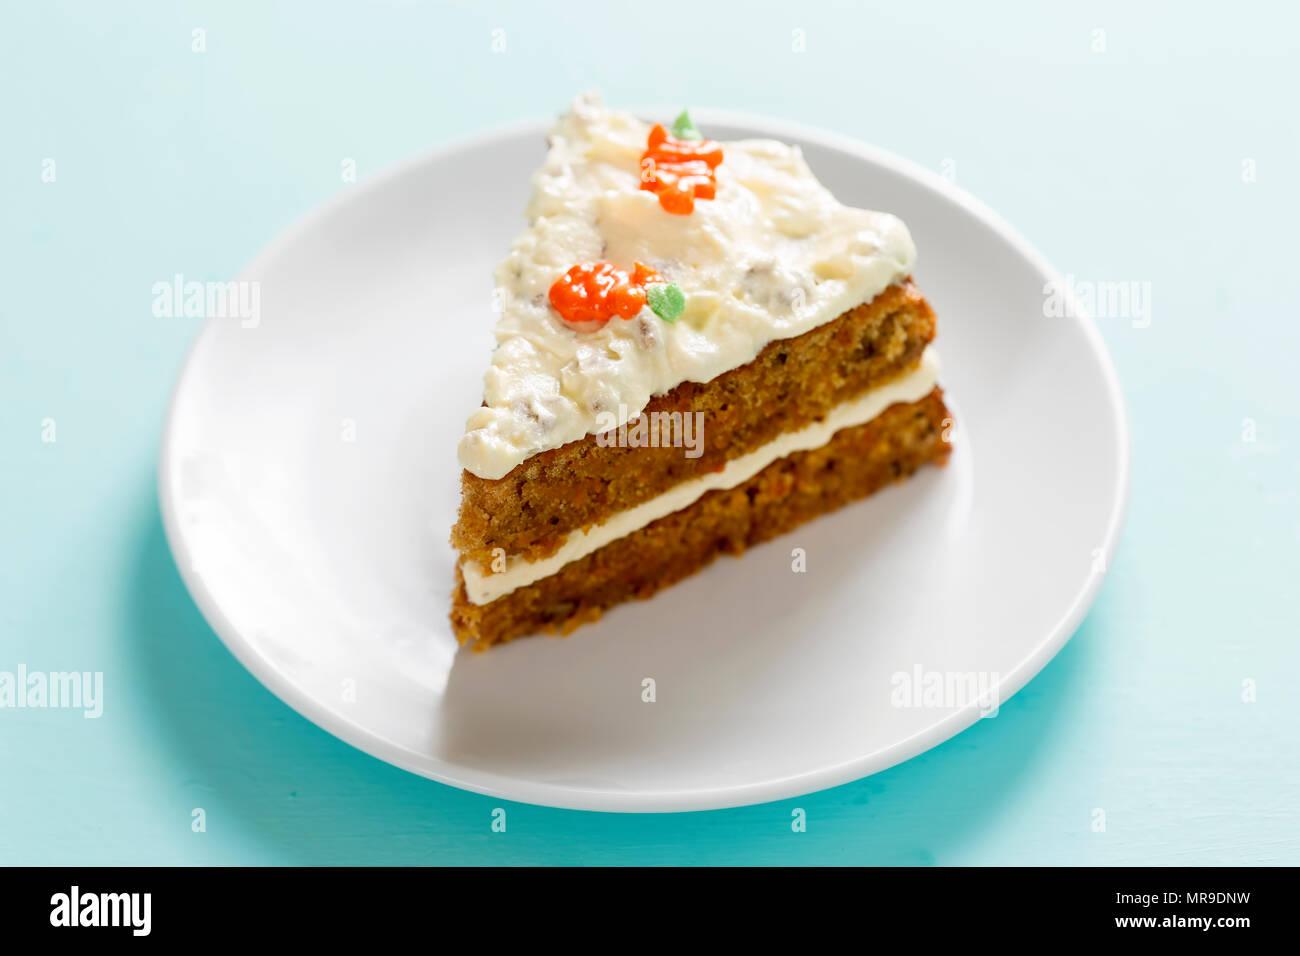 Stück Karottenkuchen mit Zuckerguss und Karotte Dekoration. Stockbild